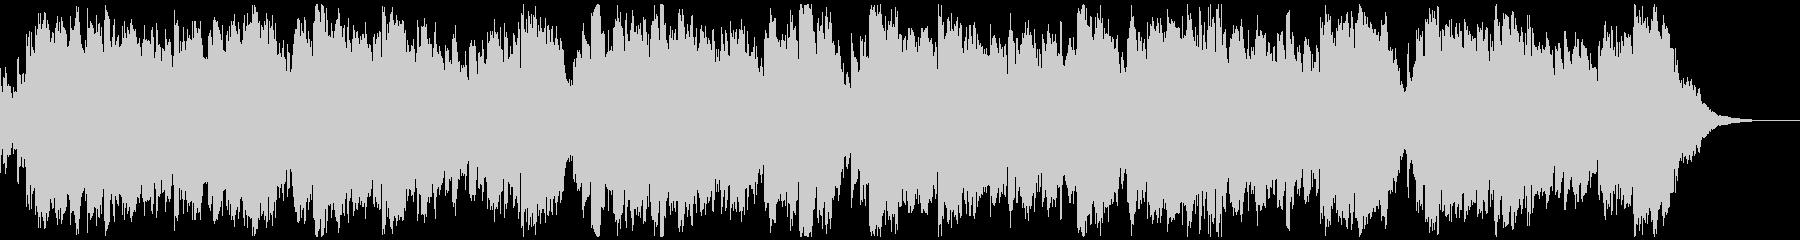 チェロの音色が心地よいリラックス用BGMの未再生の波形